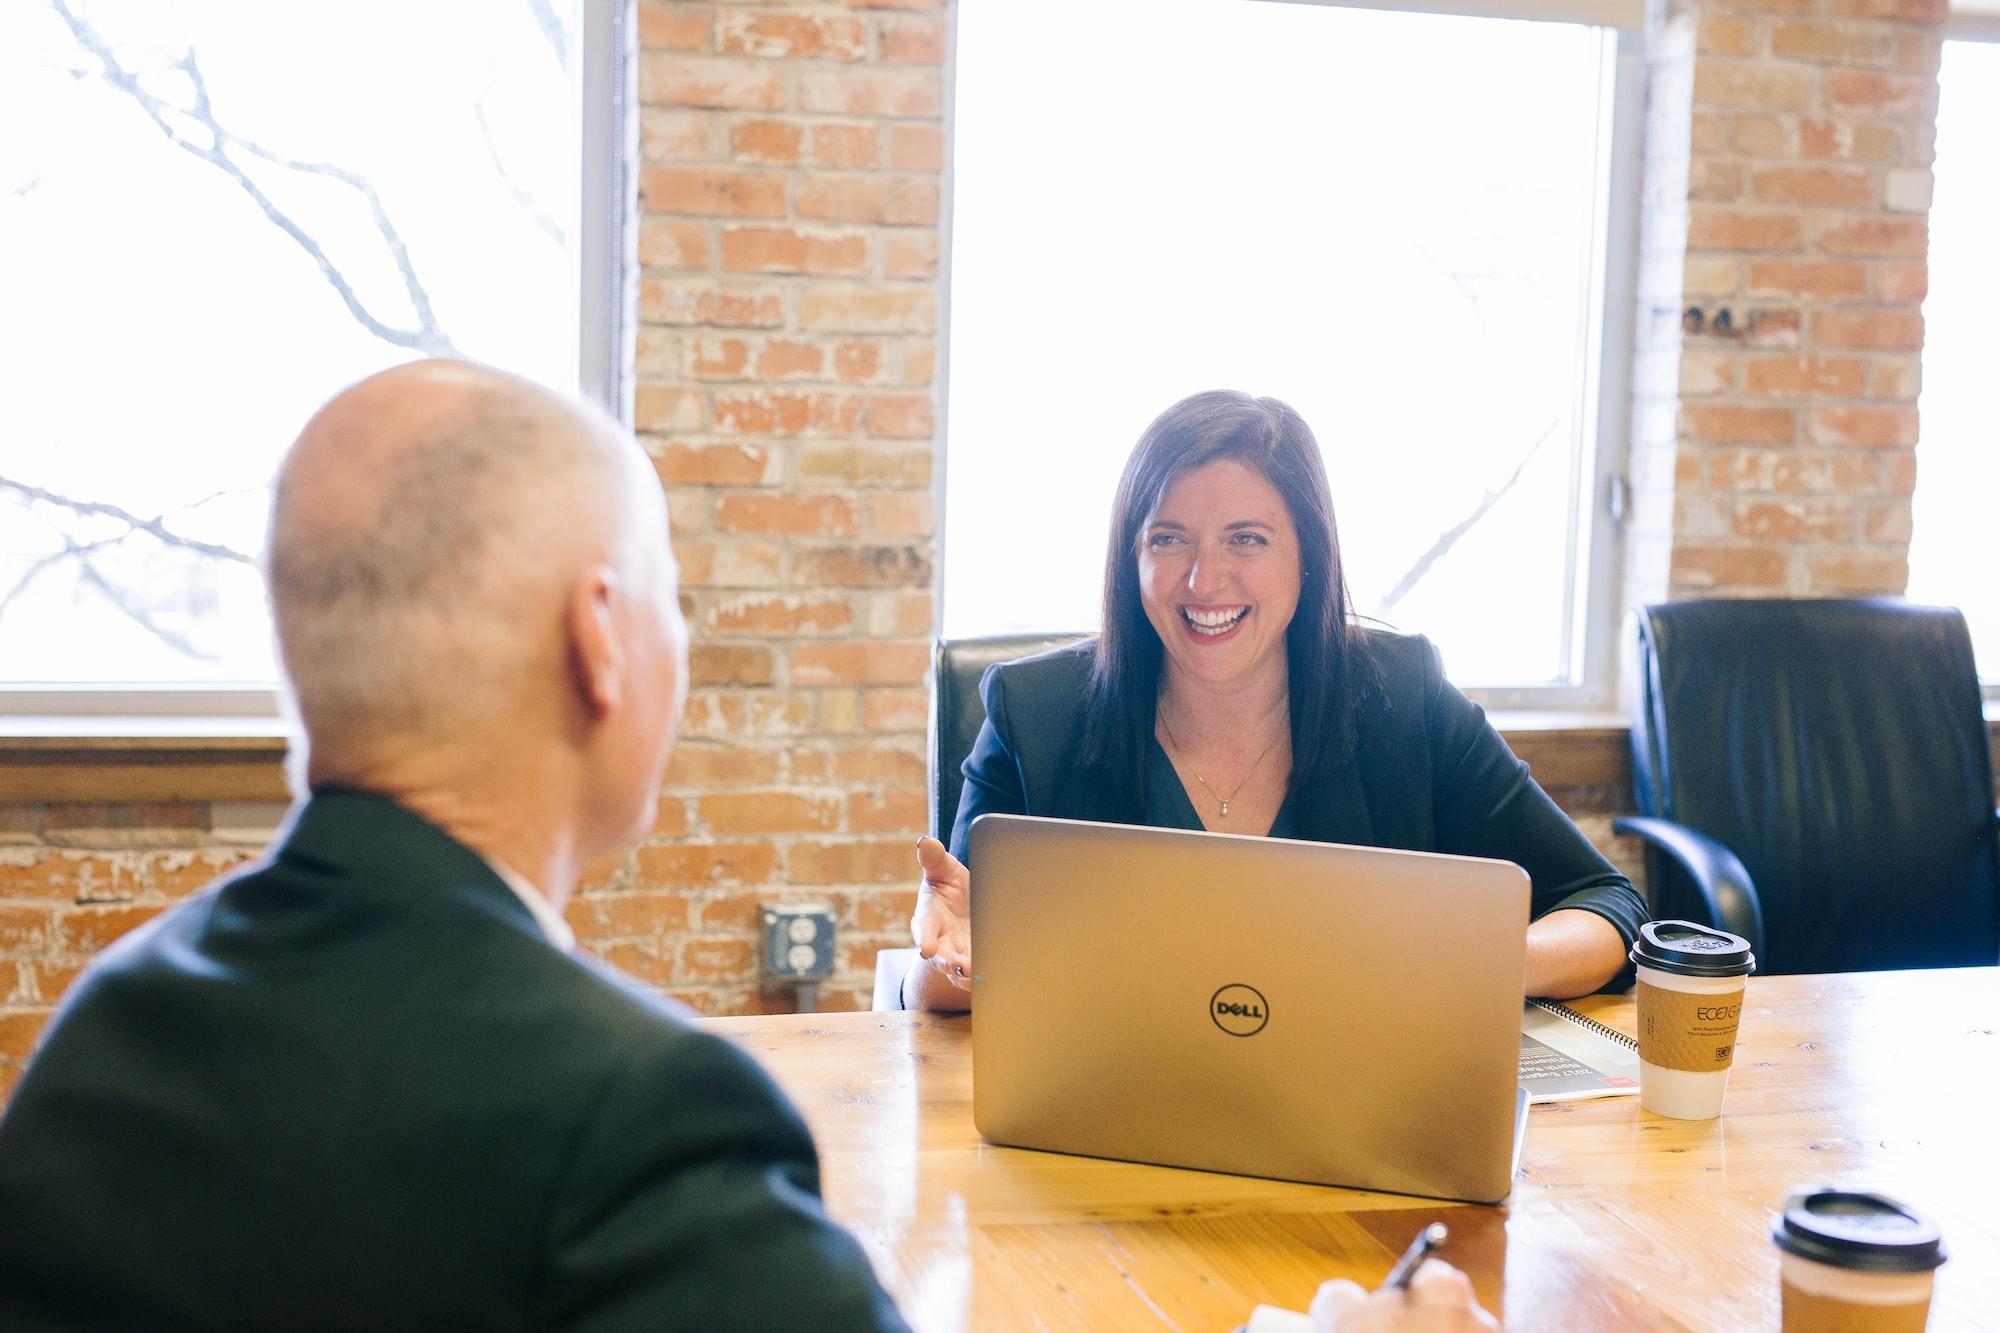 Comment rechercher un emploi en temps de crise ?